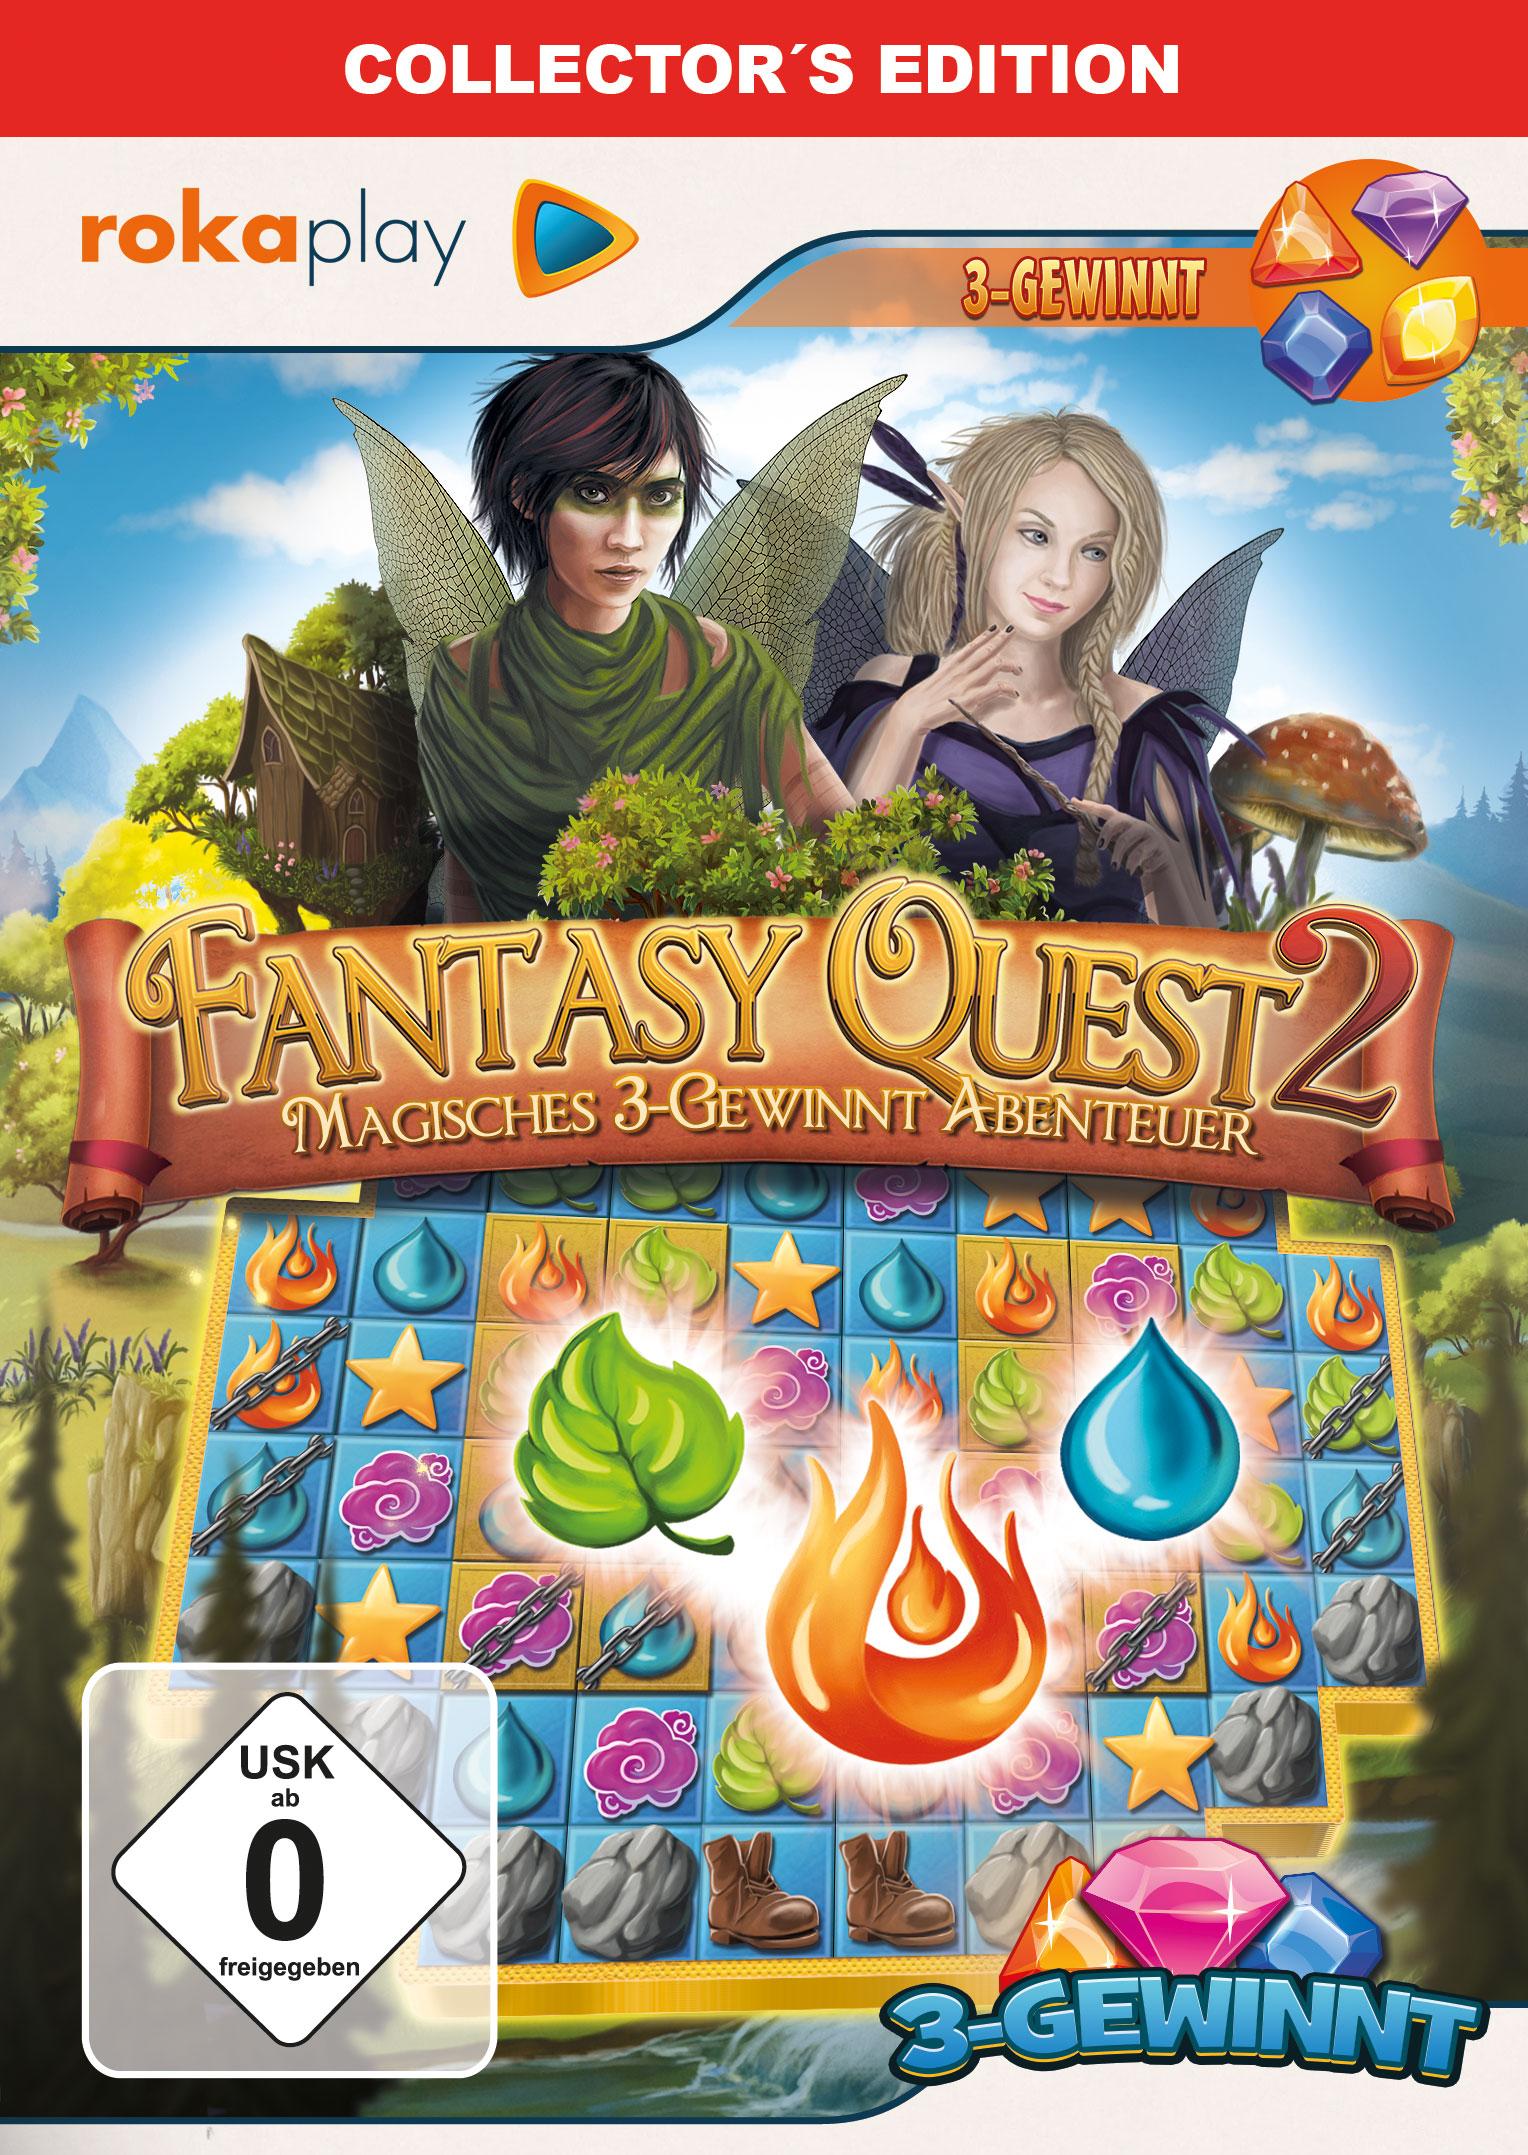 rokaplay - Fantasy Quest 2 Collector's Edition [PC Download]